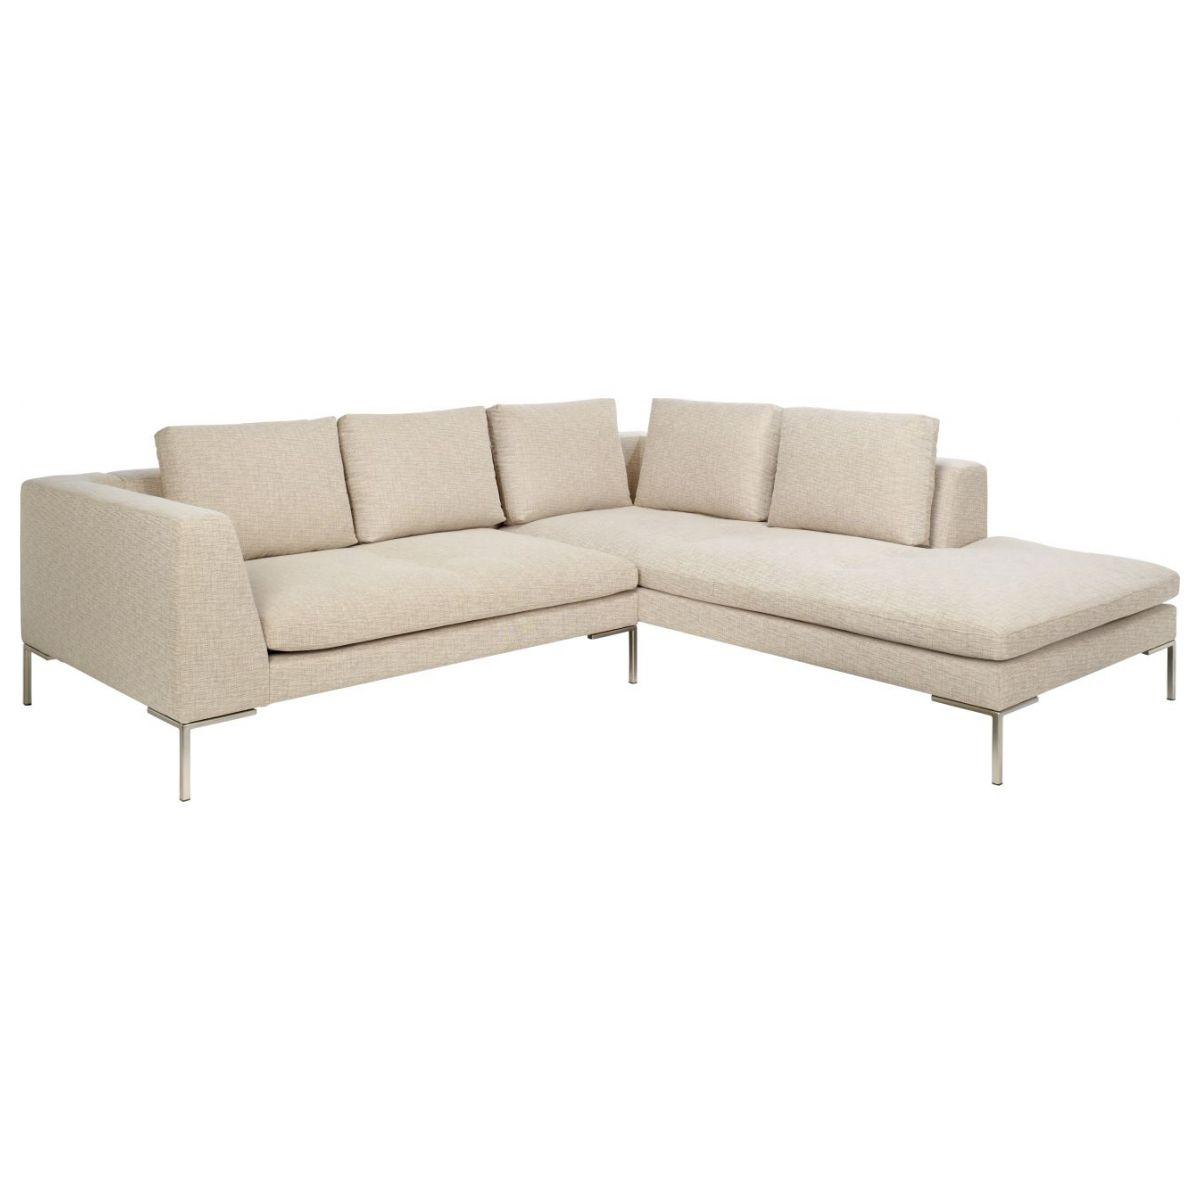 canape-2-places-en-tissu-avec-meridienne-droite_775469